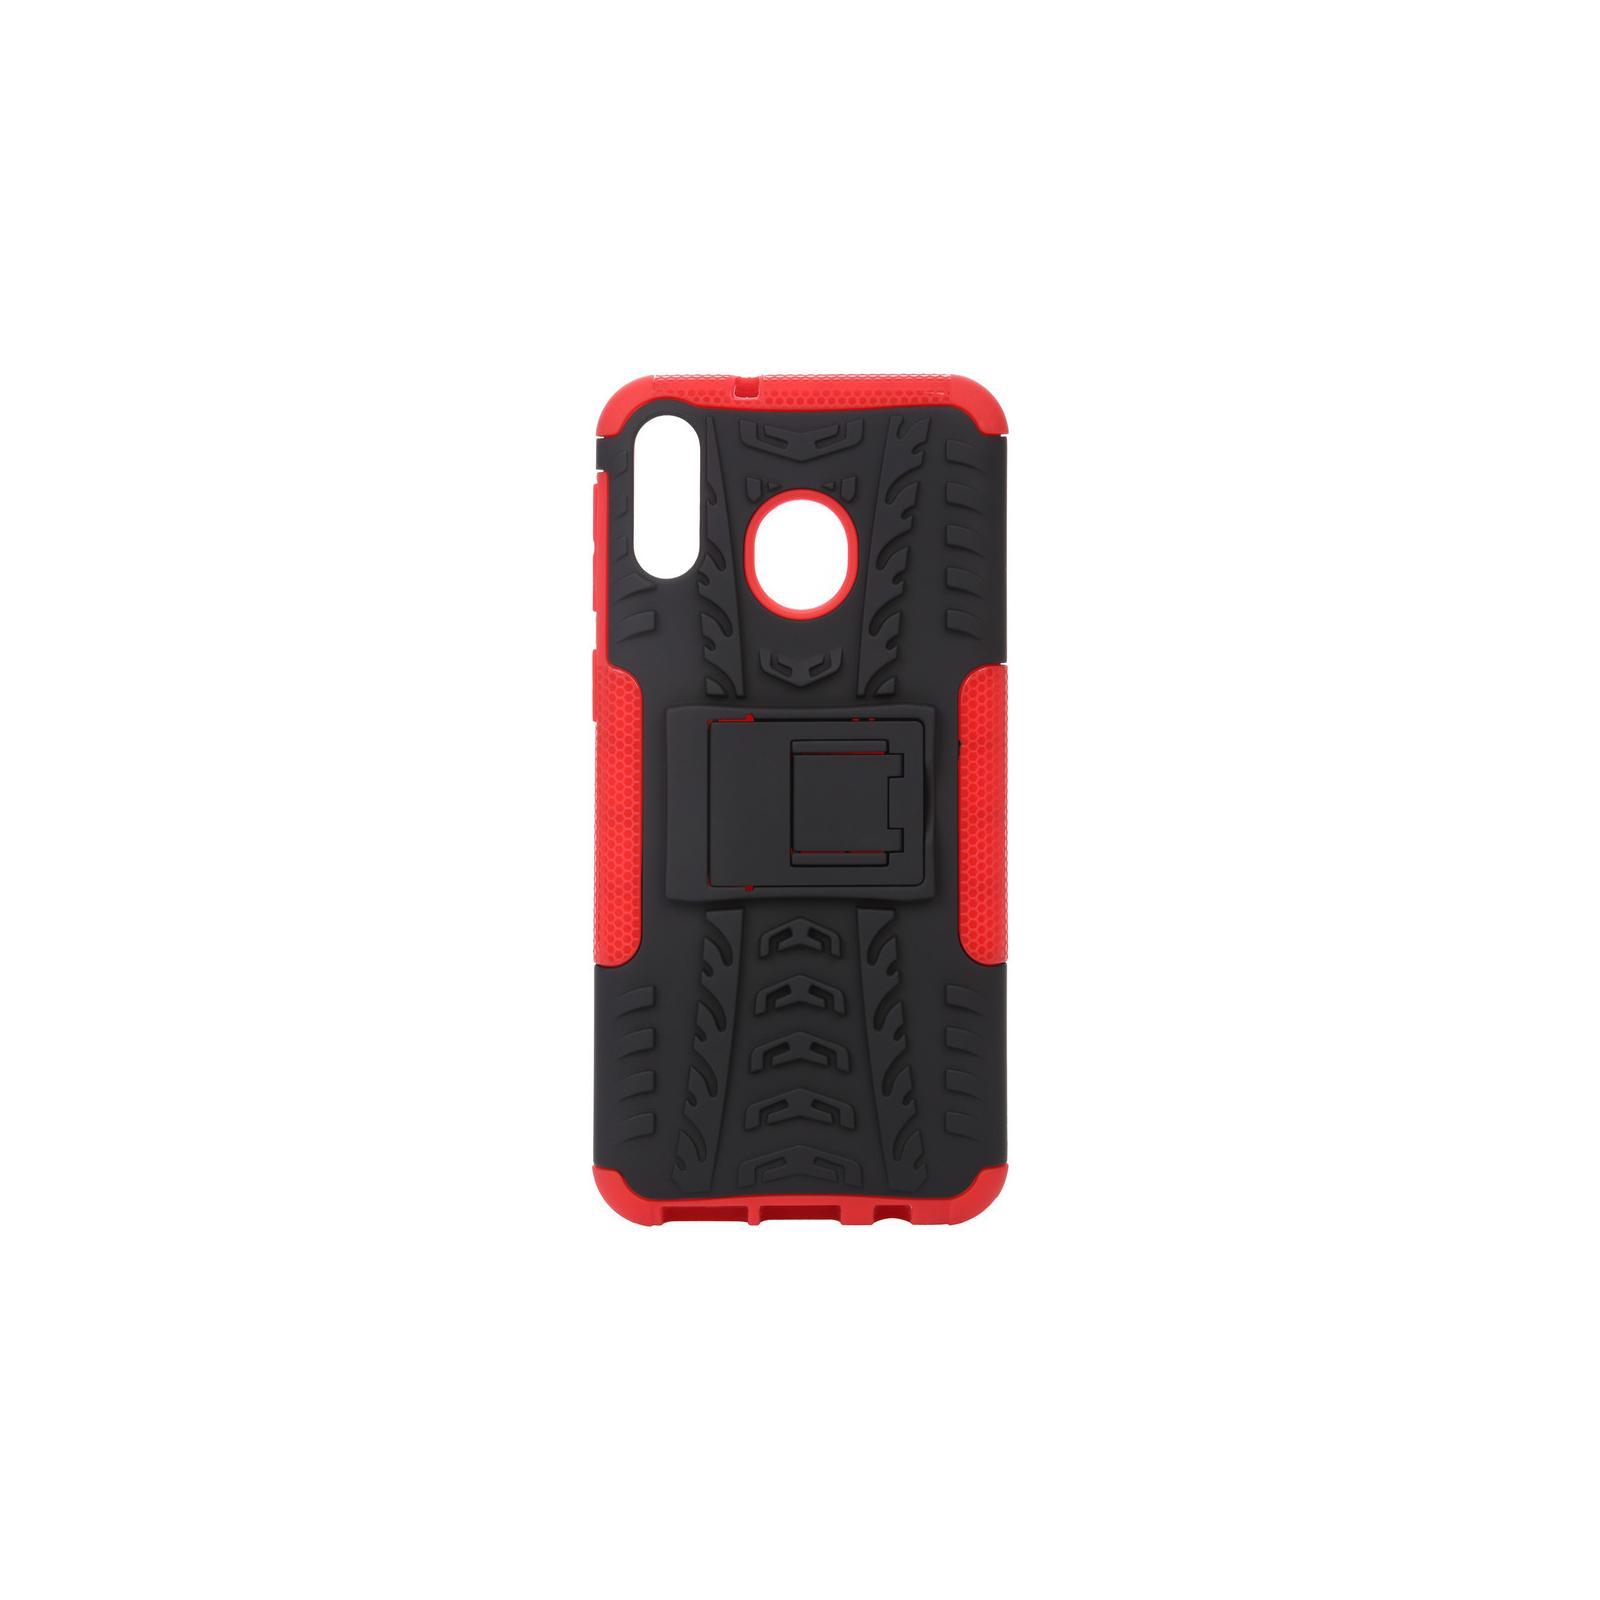 Чехол для моб. телефона BeCover Samsung Galaxy M20 SM-M205 Red (703455)